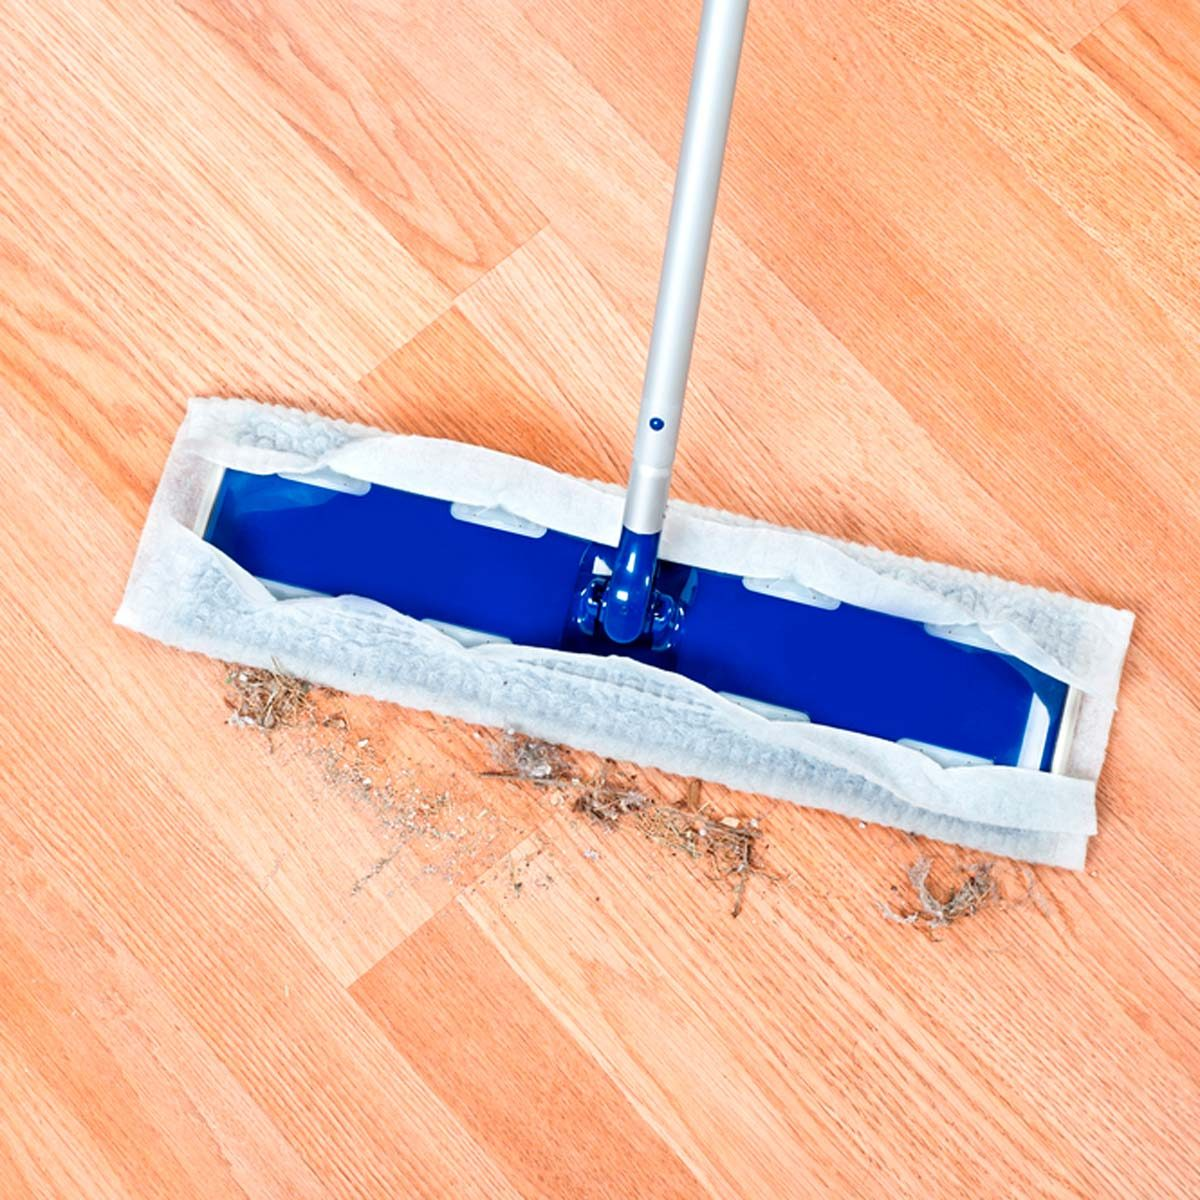 Sweep